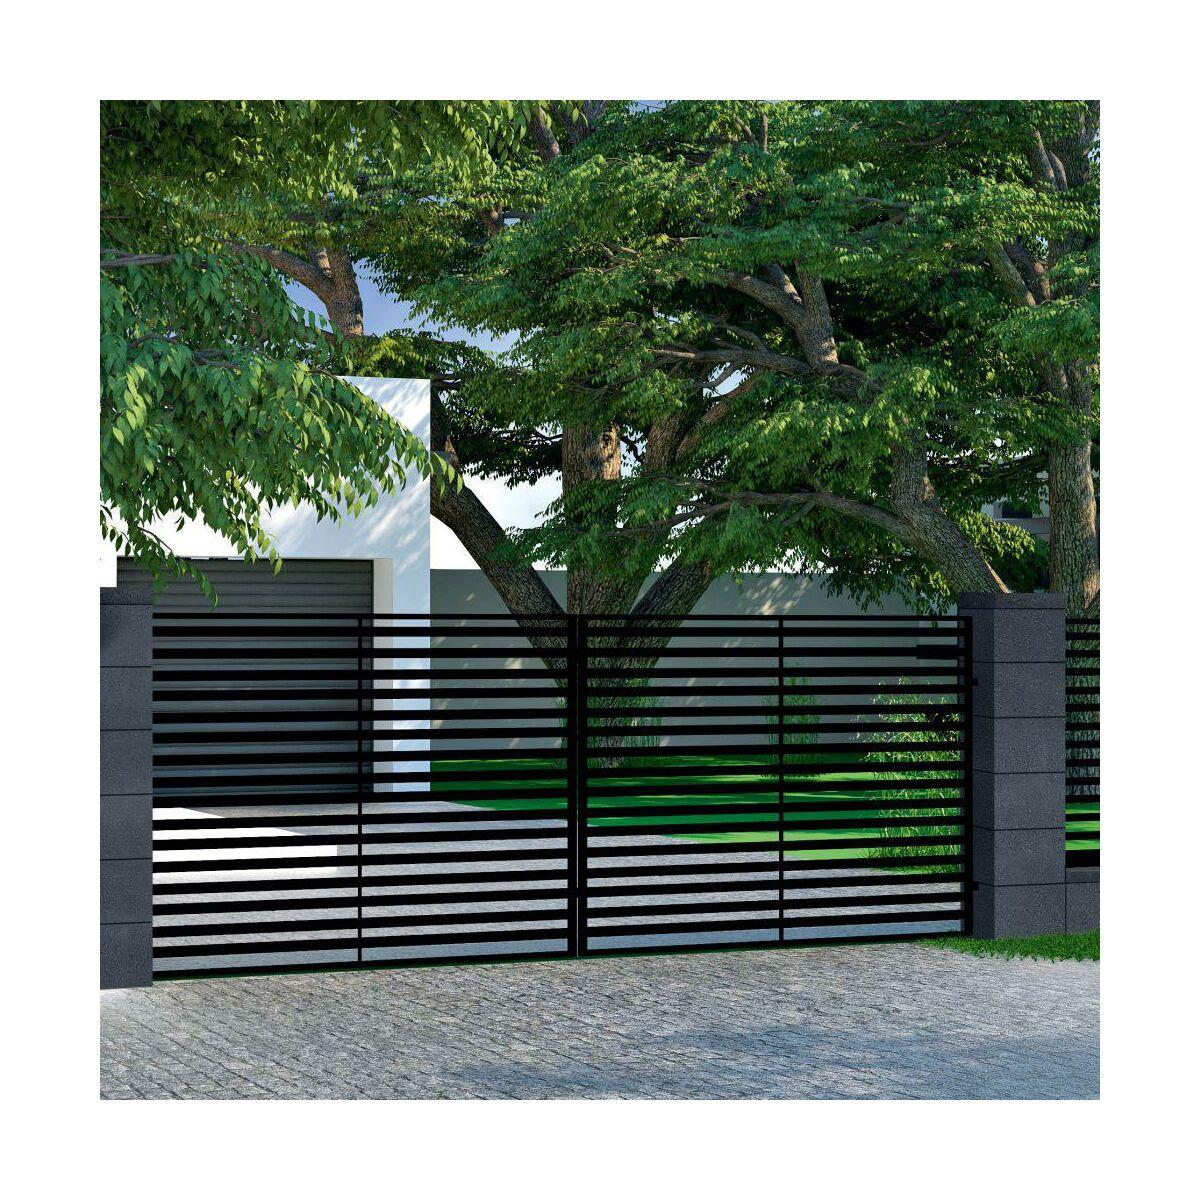 Panel Ogrodzeniowy Vera 173 X 250 Cm Ocynk Wisniowski Panele Ogrodzeniowe W Atrakcyjnej Cenie W Sklepach Leroy Merlin